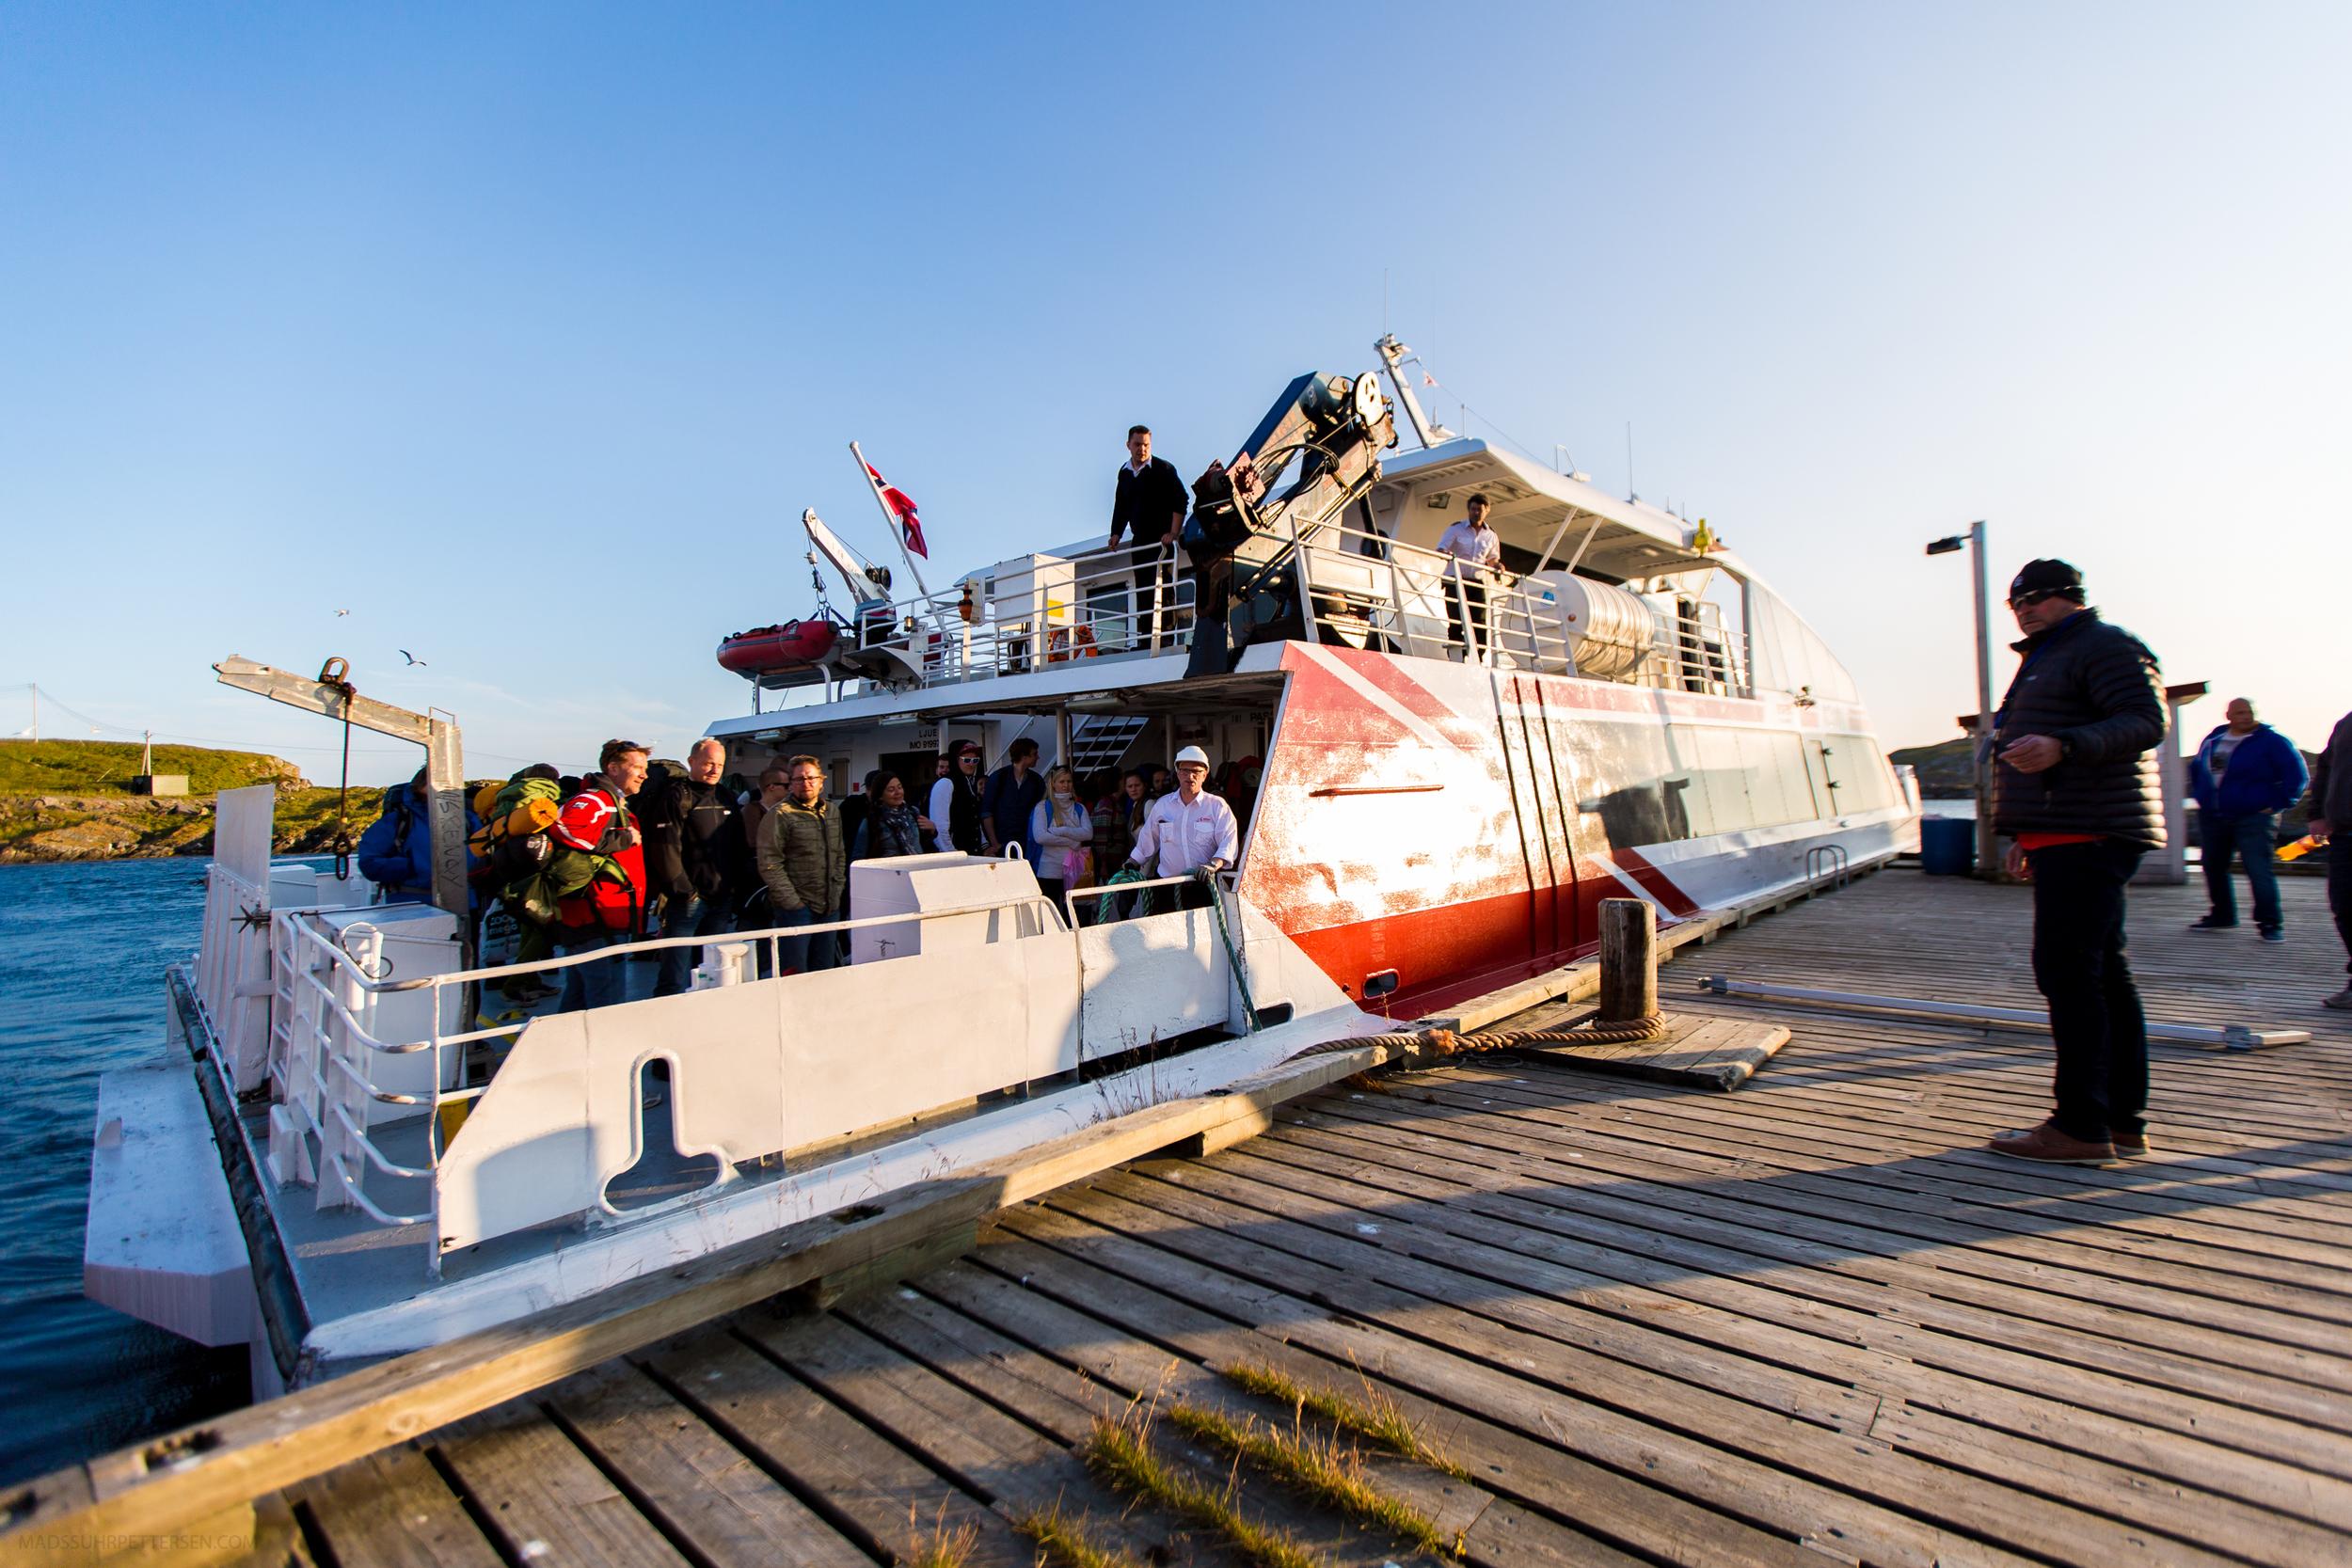 Hurtigbåten med glade festivaldeltakere kommer!